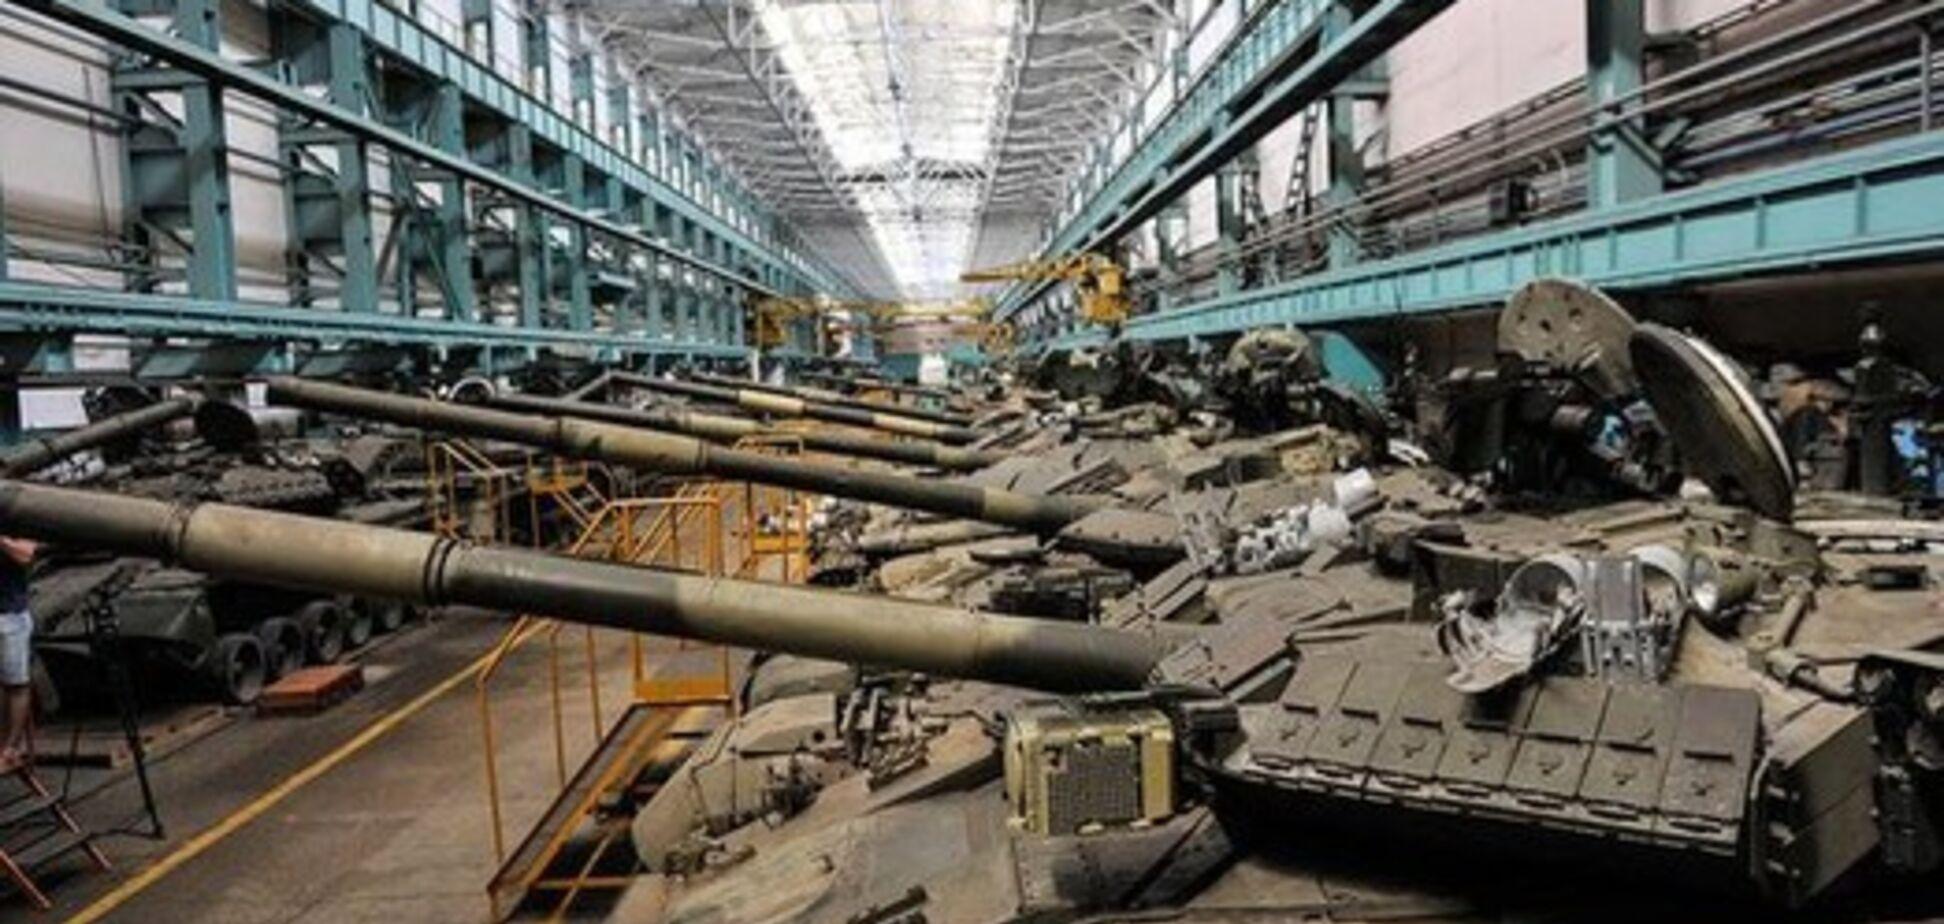 Журналисты заявили о коррупции в оборонке Украины: названы имена топ-чиновников